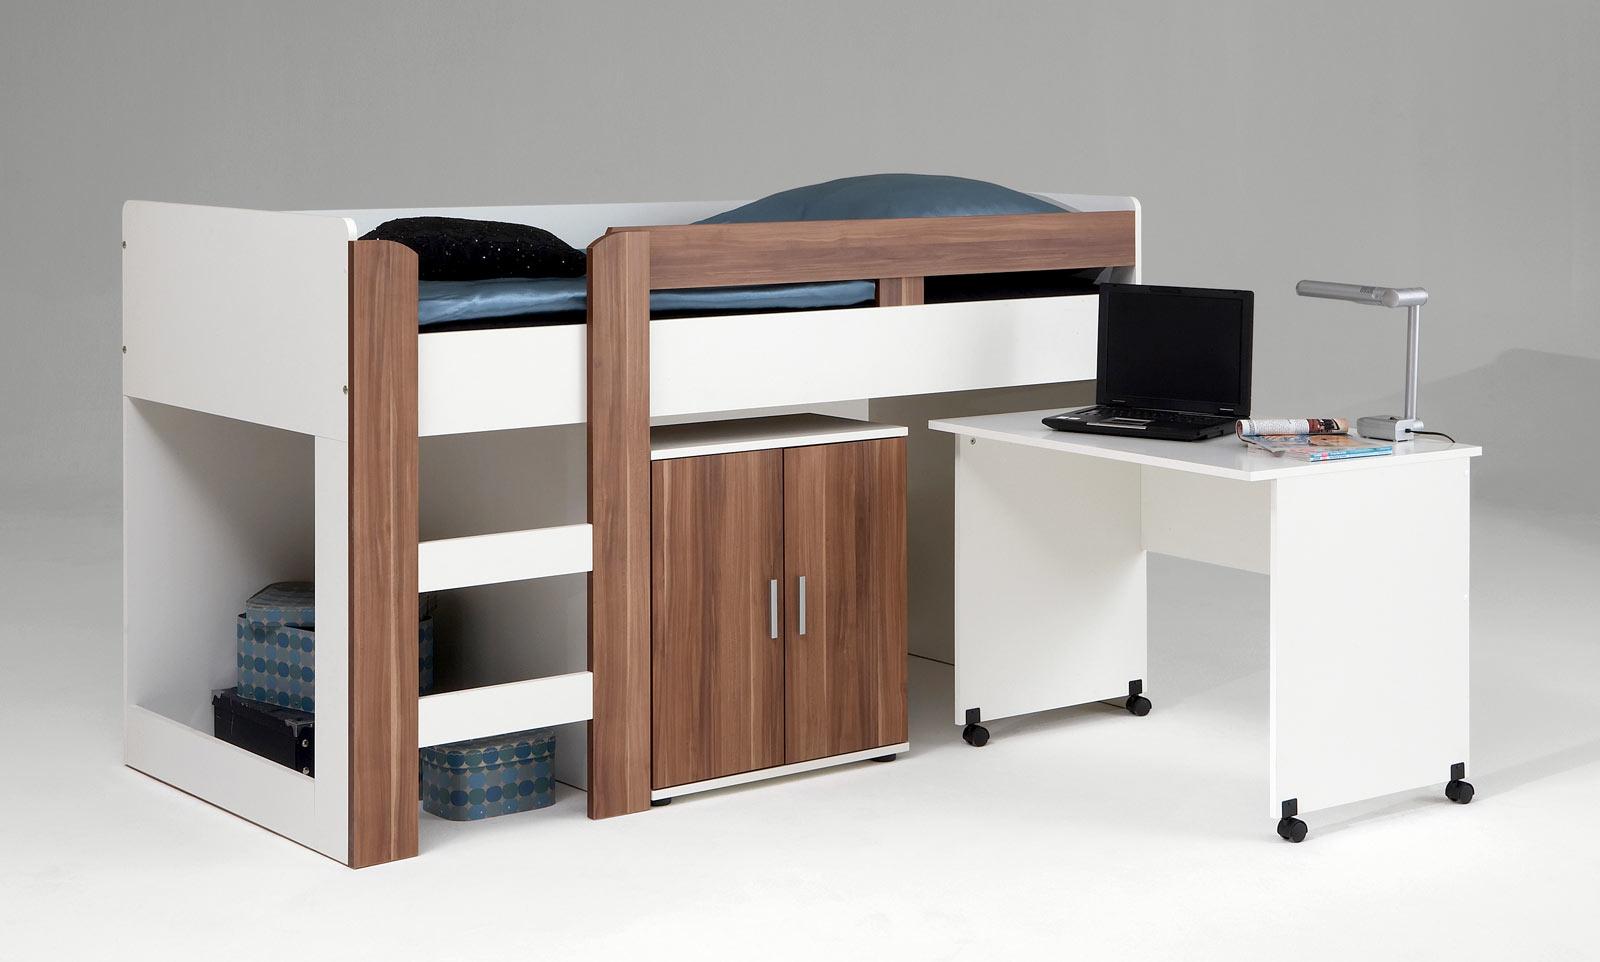 kinderbett hochbett spielbett kinderhochbett jugendbett pedro 5 weiss walnuss ebay. Black Bedroom Furniture Sets. Home Design Ideas